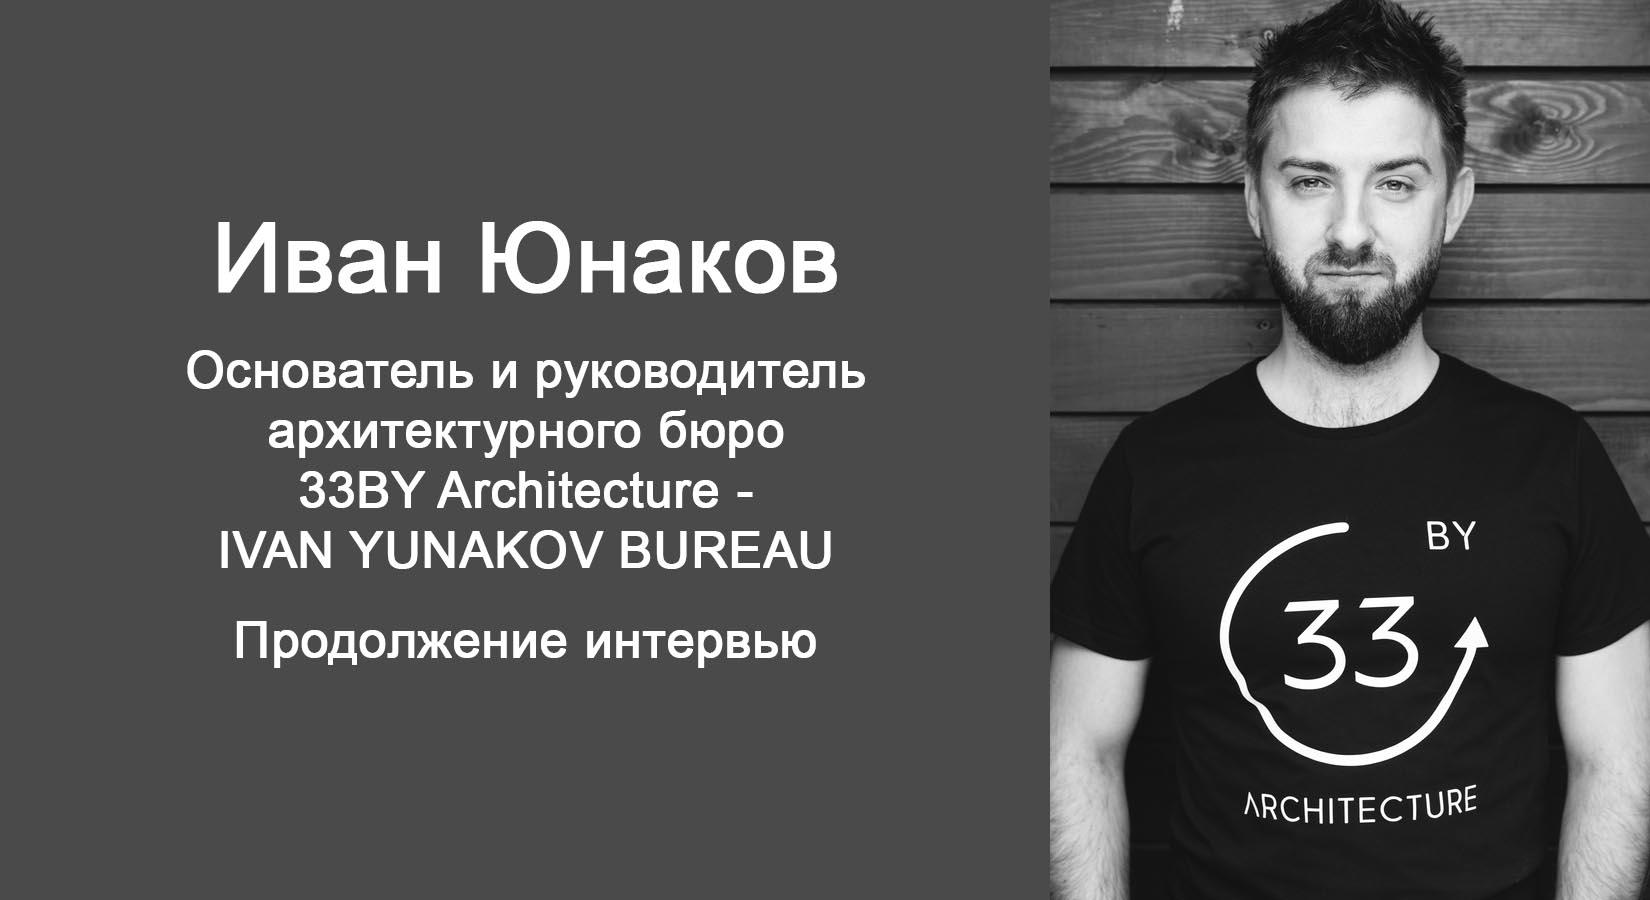 Интервью Ивана Юнакова (архитектурное бюро 33BY Architecture — IVAN YUNAKOV BUREAU) бренду DAVIS CASA. Часть 2